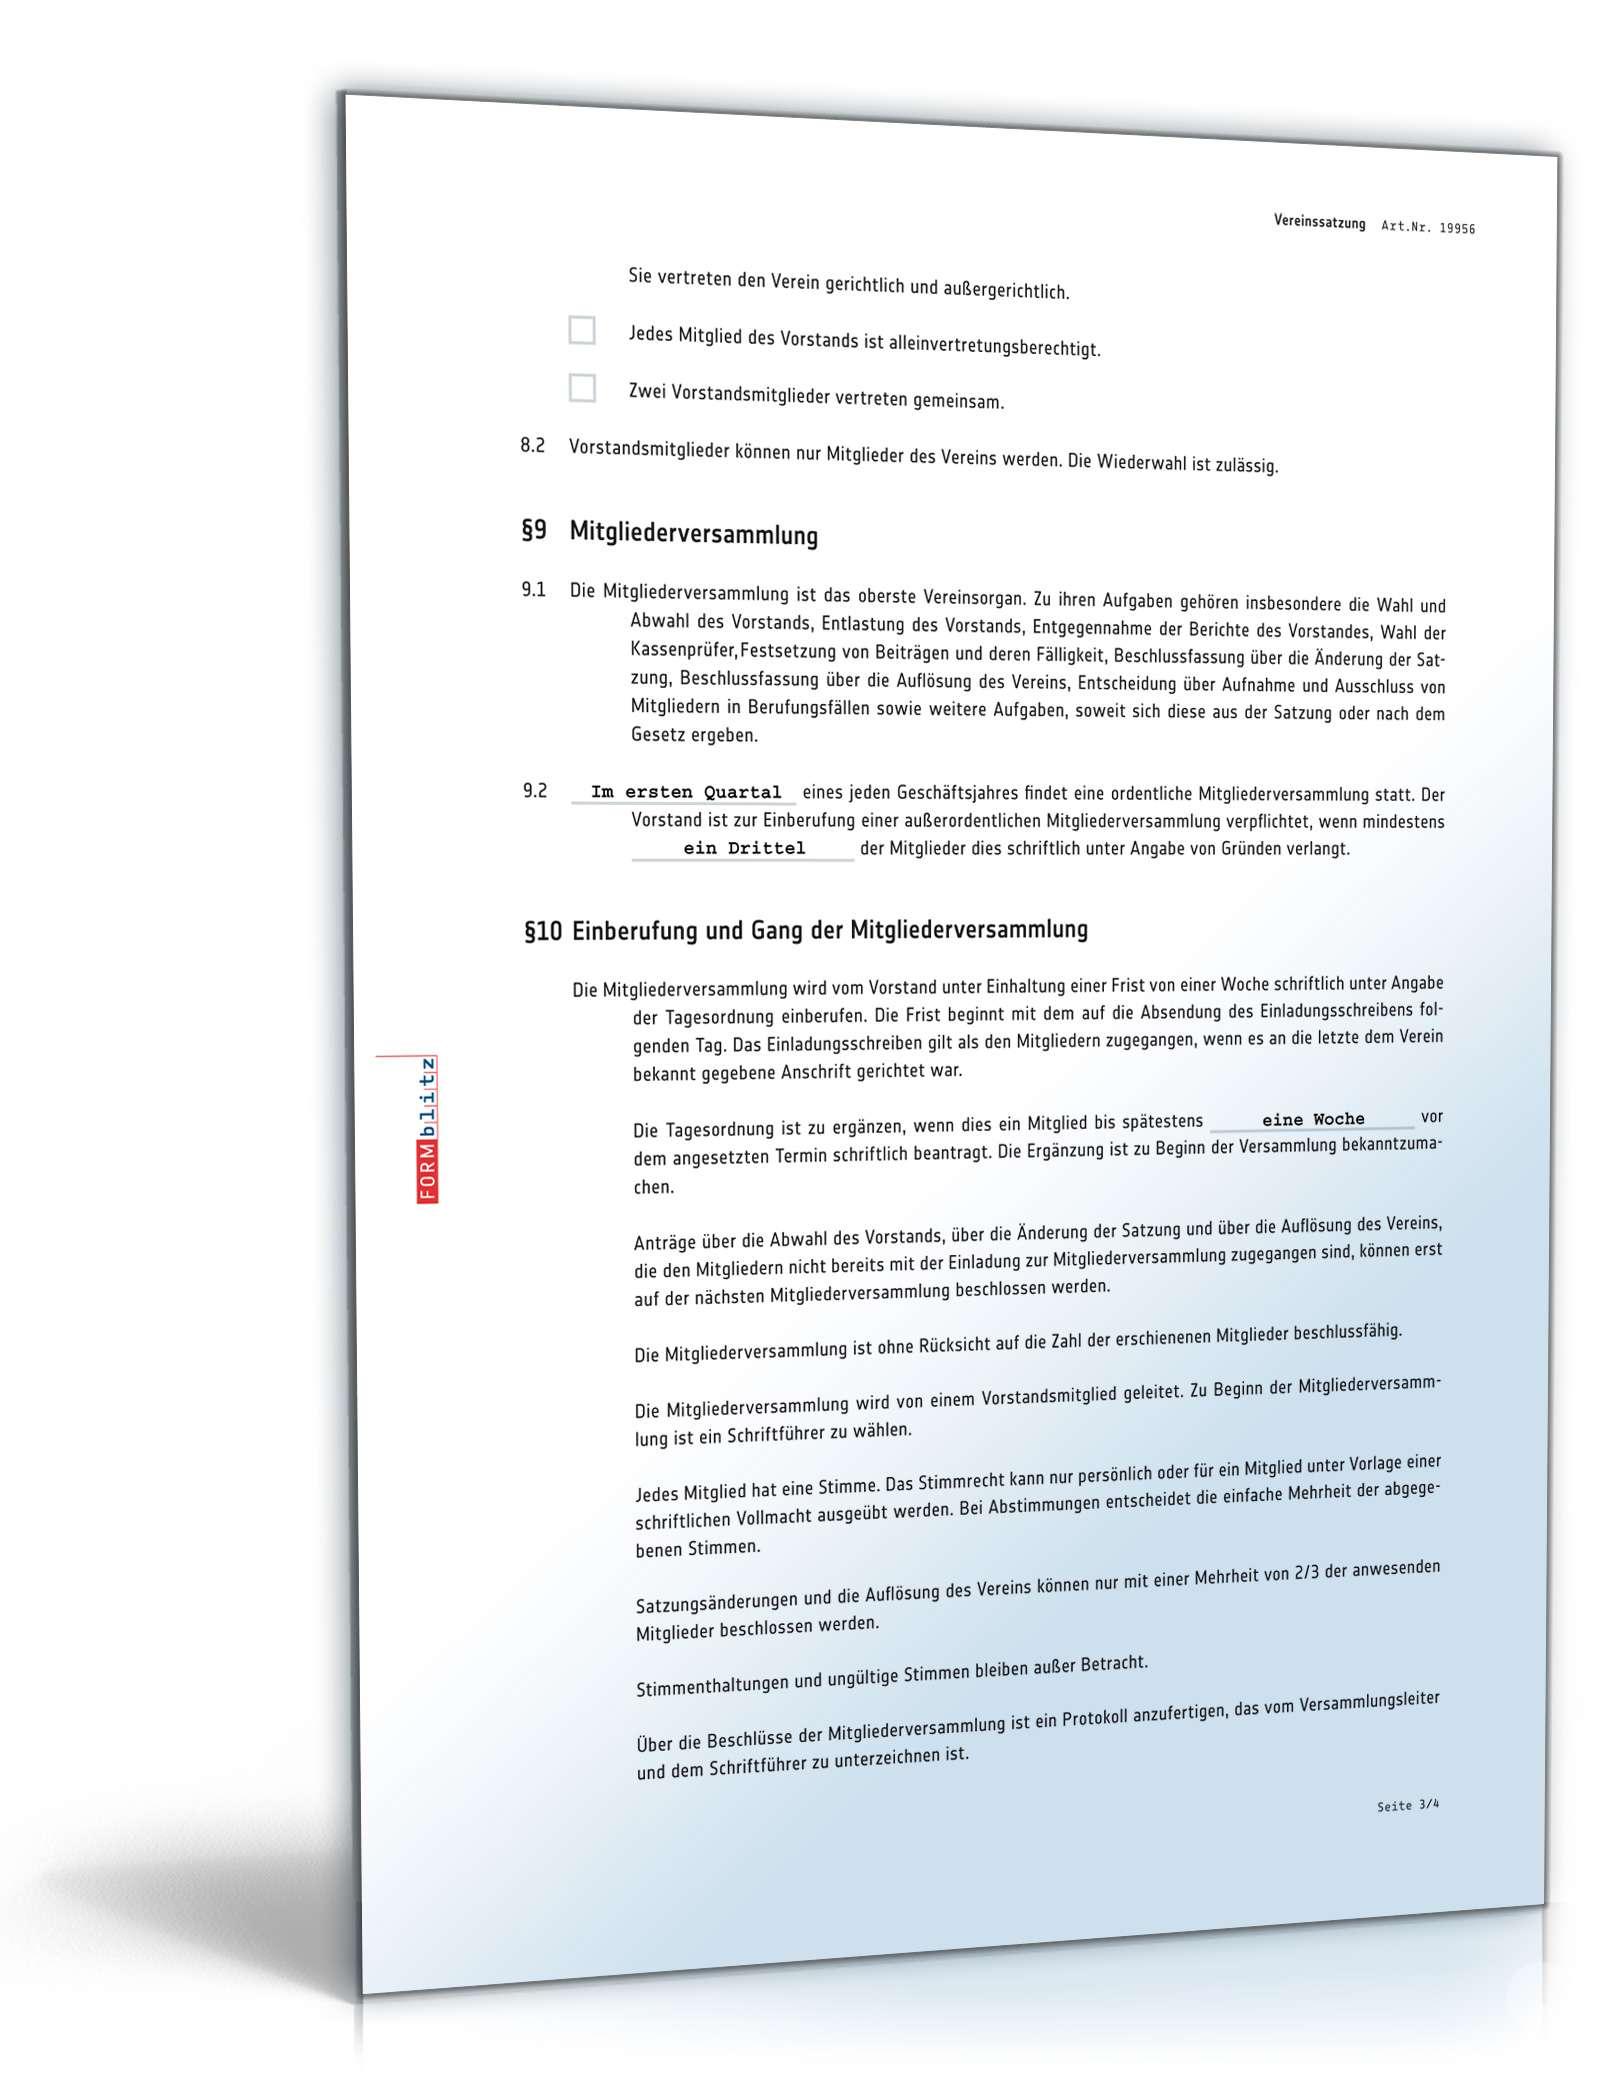 pdf seite 4 - Vereinssatzung Muster